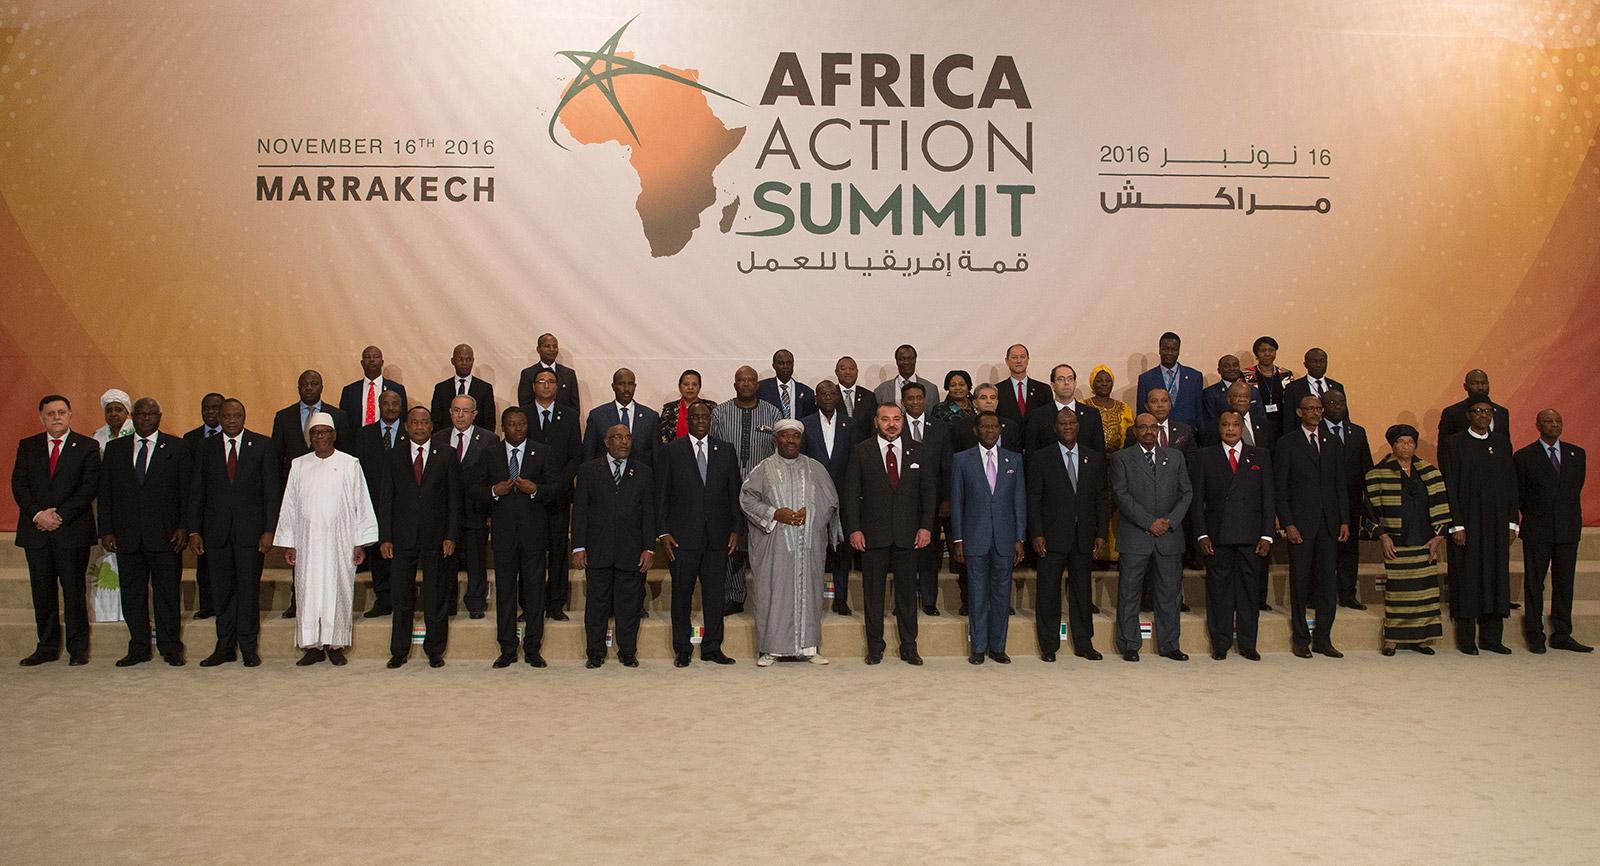 المشاركين من قادة الدول الإفريقية خلال على هامش مؤتمر تغير المناخ COP22